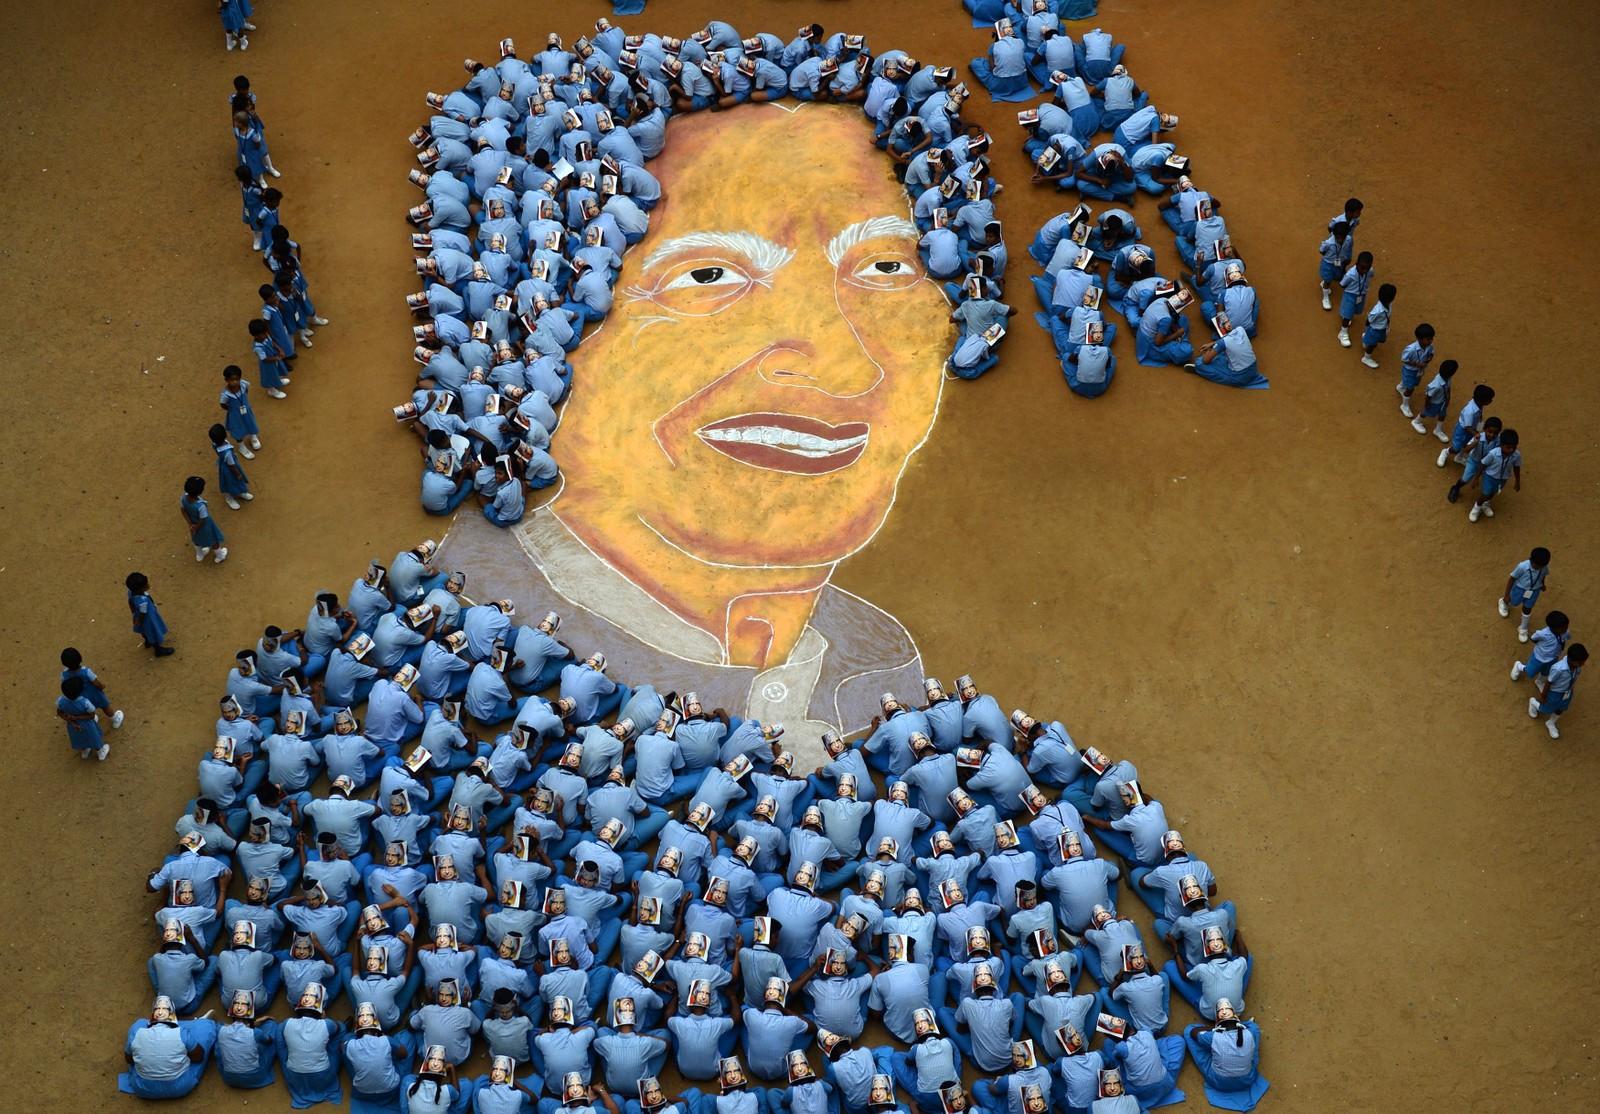 Indiske skolegutter er samlet for å lage et bilde av den avdøde presidenten Abdul Kalam i Chennai. Den 13. oktober var det 86 år siden han ble født.